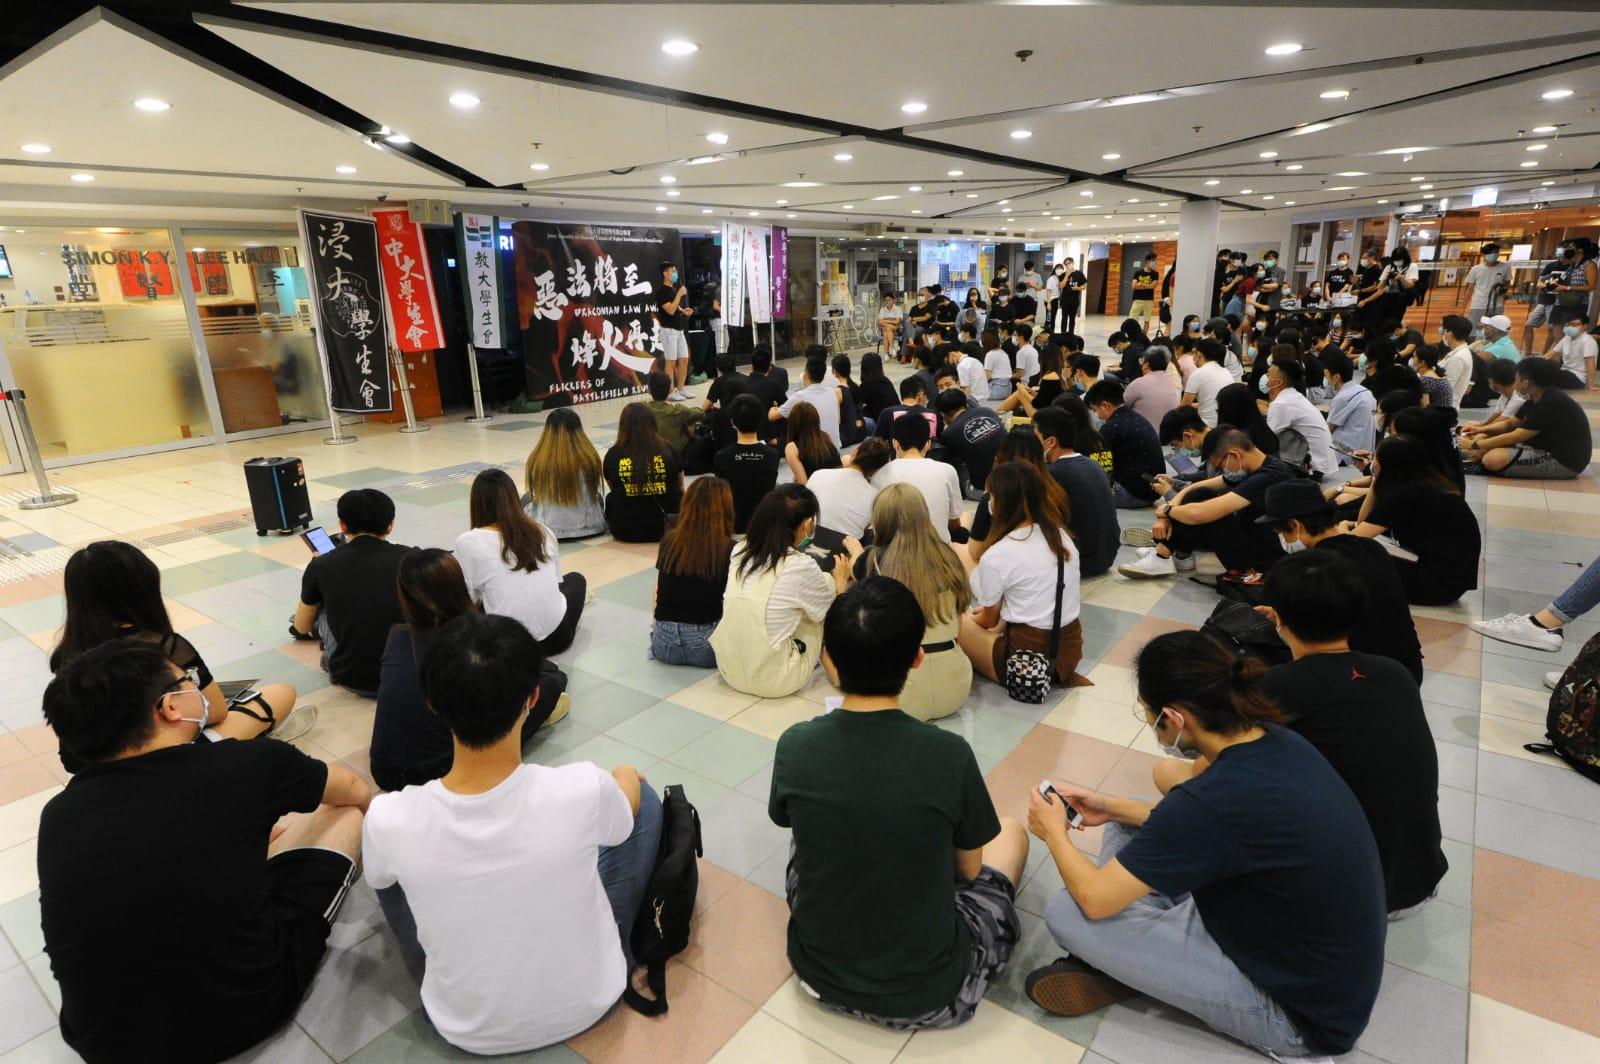 今晚(6月5日),本港6間大專院校的學生會聯合發起「惡法將至,烽火再起」集會。呼籲一眾學子和港人再次挺身而出,反對衝擊香港法治的「港版國安法」。(宋碧龍/大紀元)